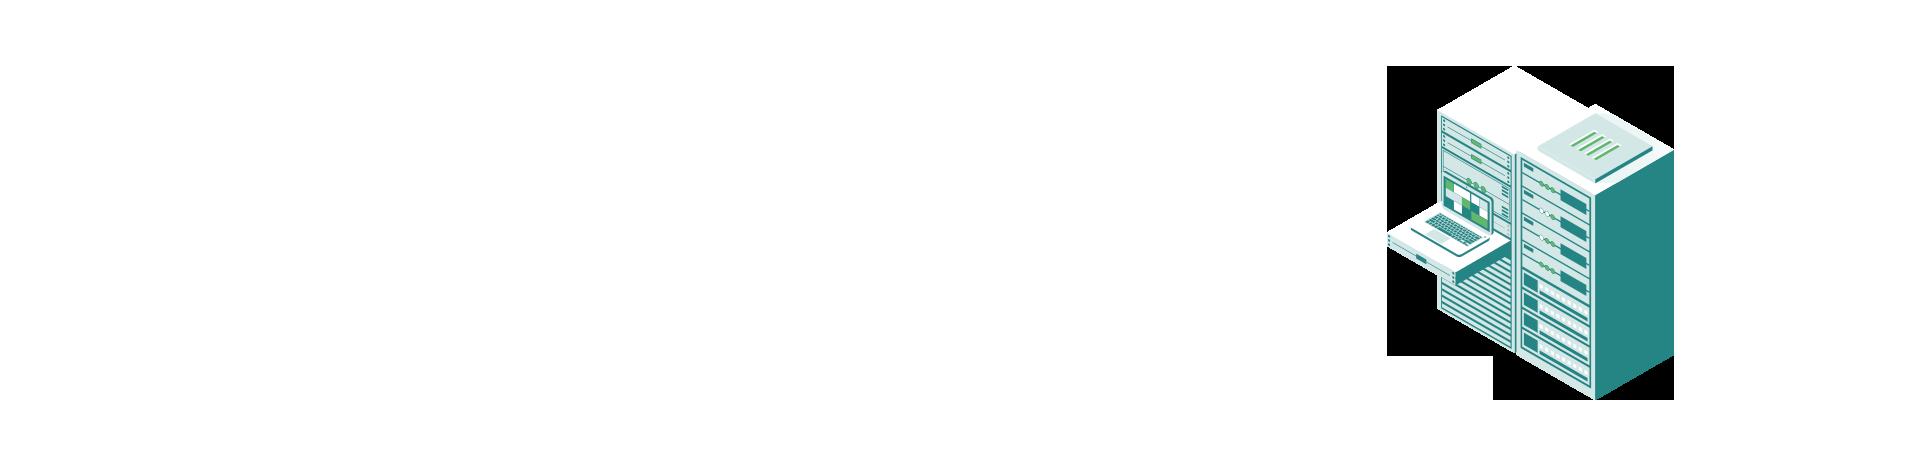 190228 HE PTL HeaderImage Technologie